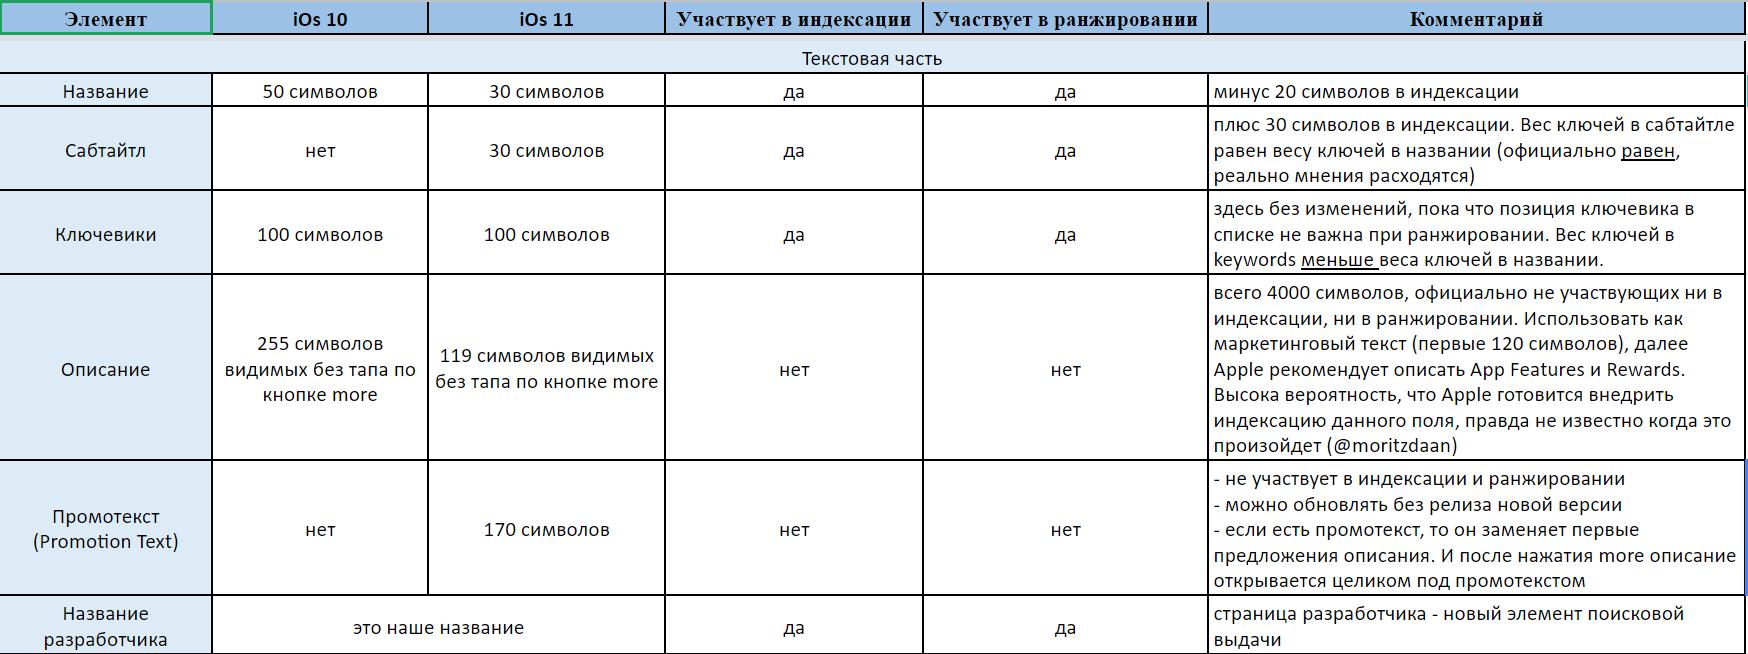 ASO в iOS 11: сводная таблица изменений - 1